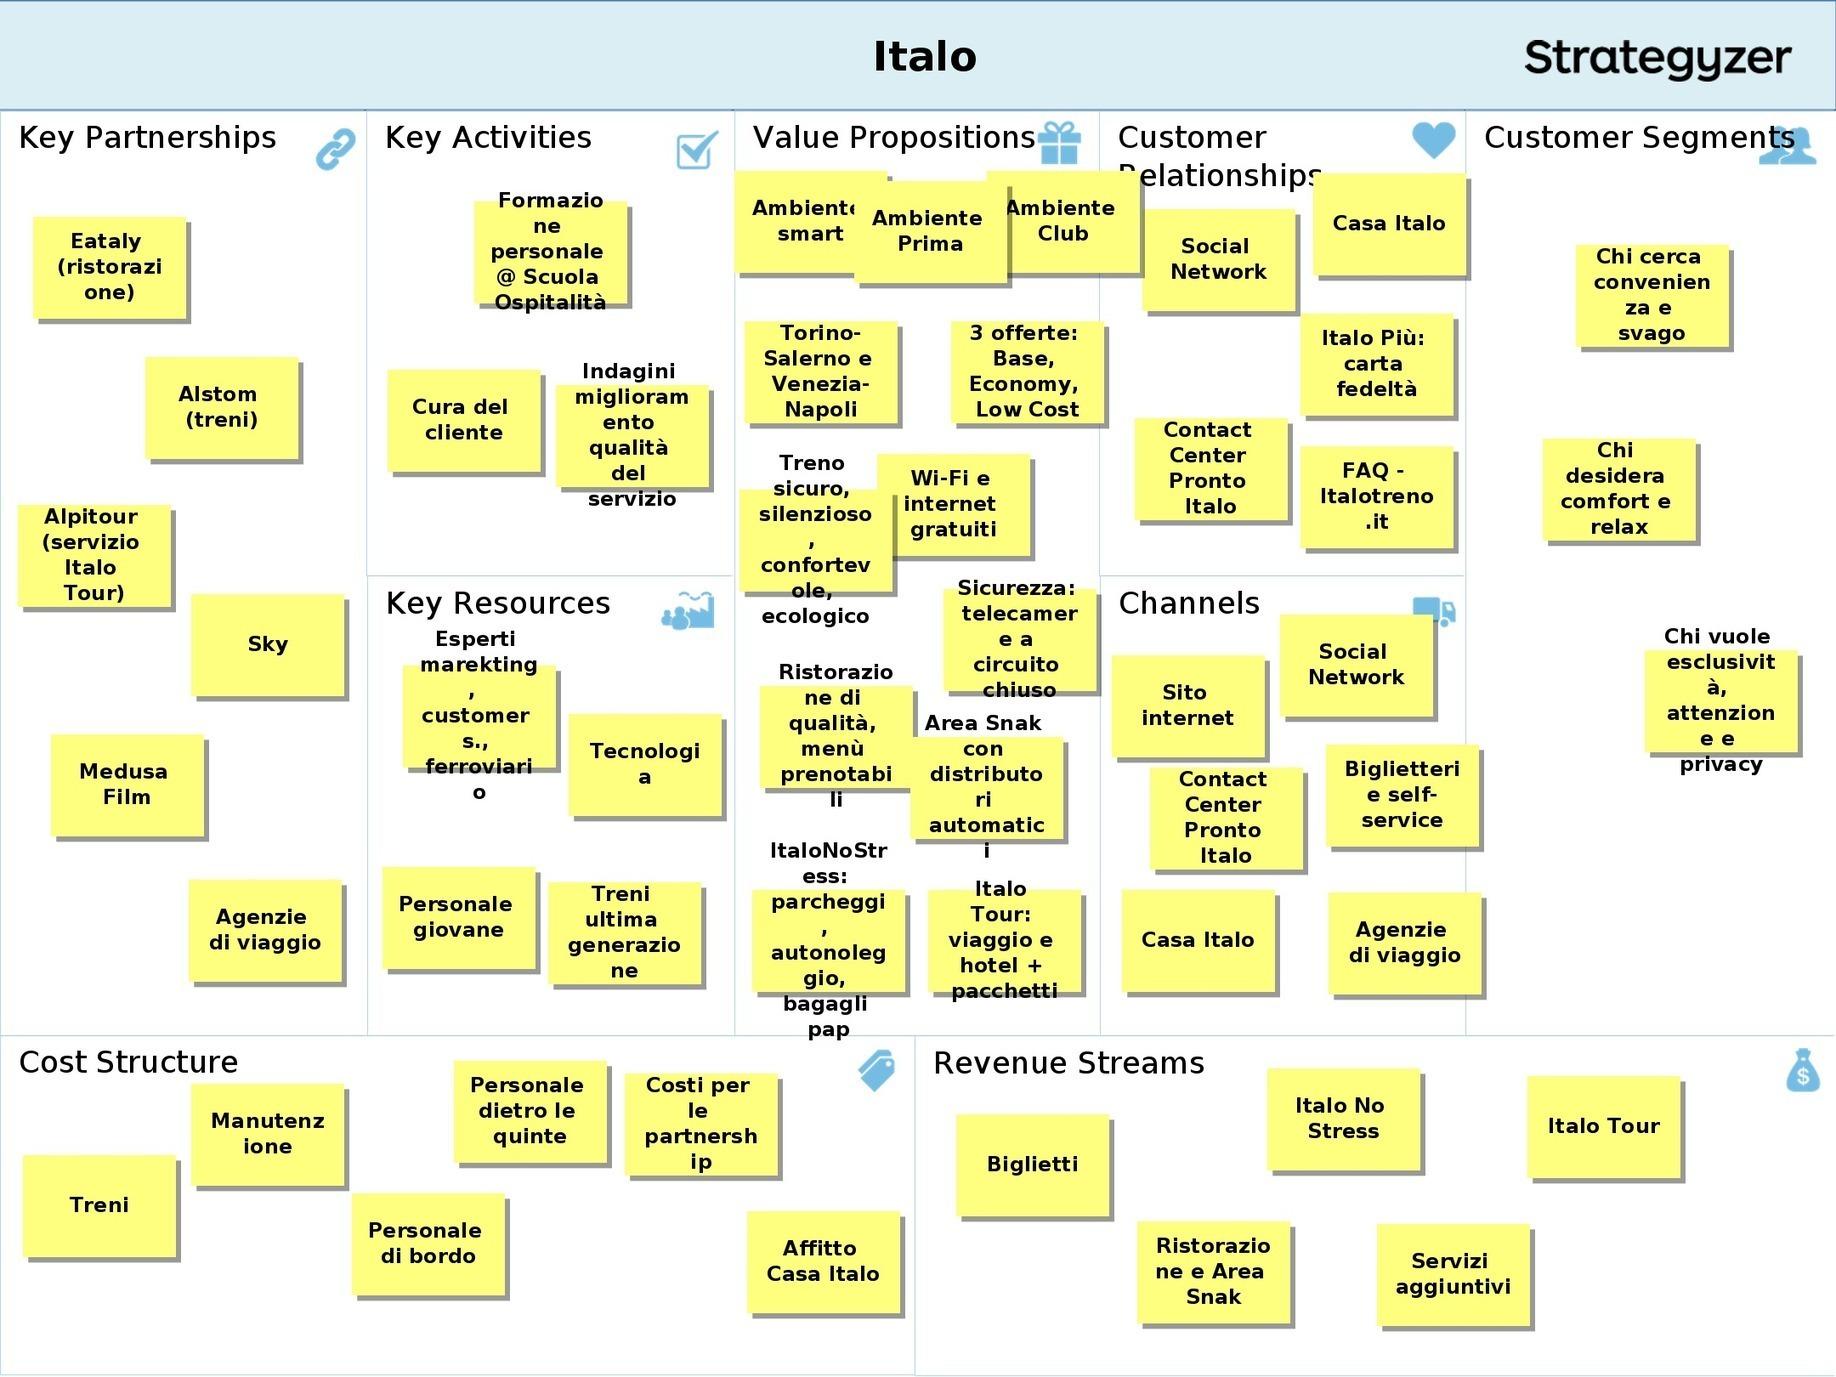 model train business plan